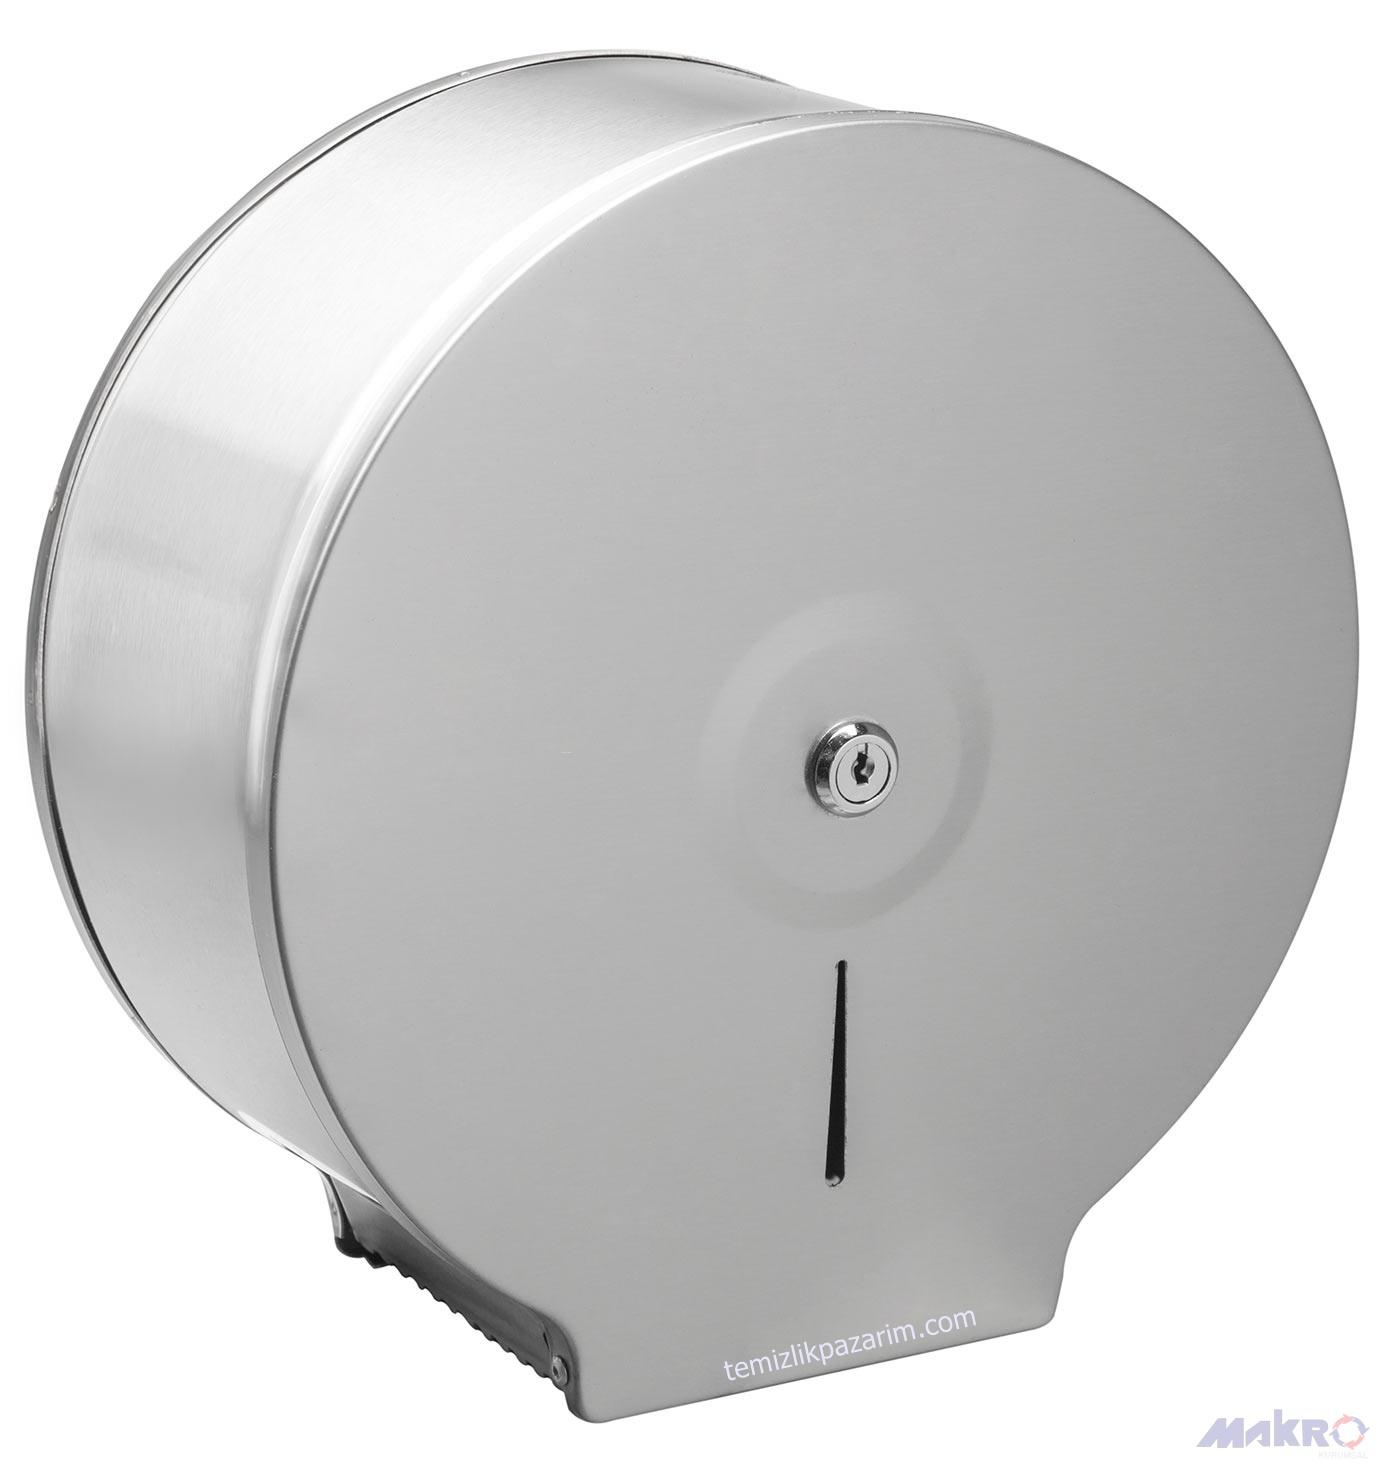 Paslanmaz-jumbo-tuvalet-kağıdı-aparatı